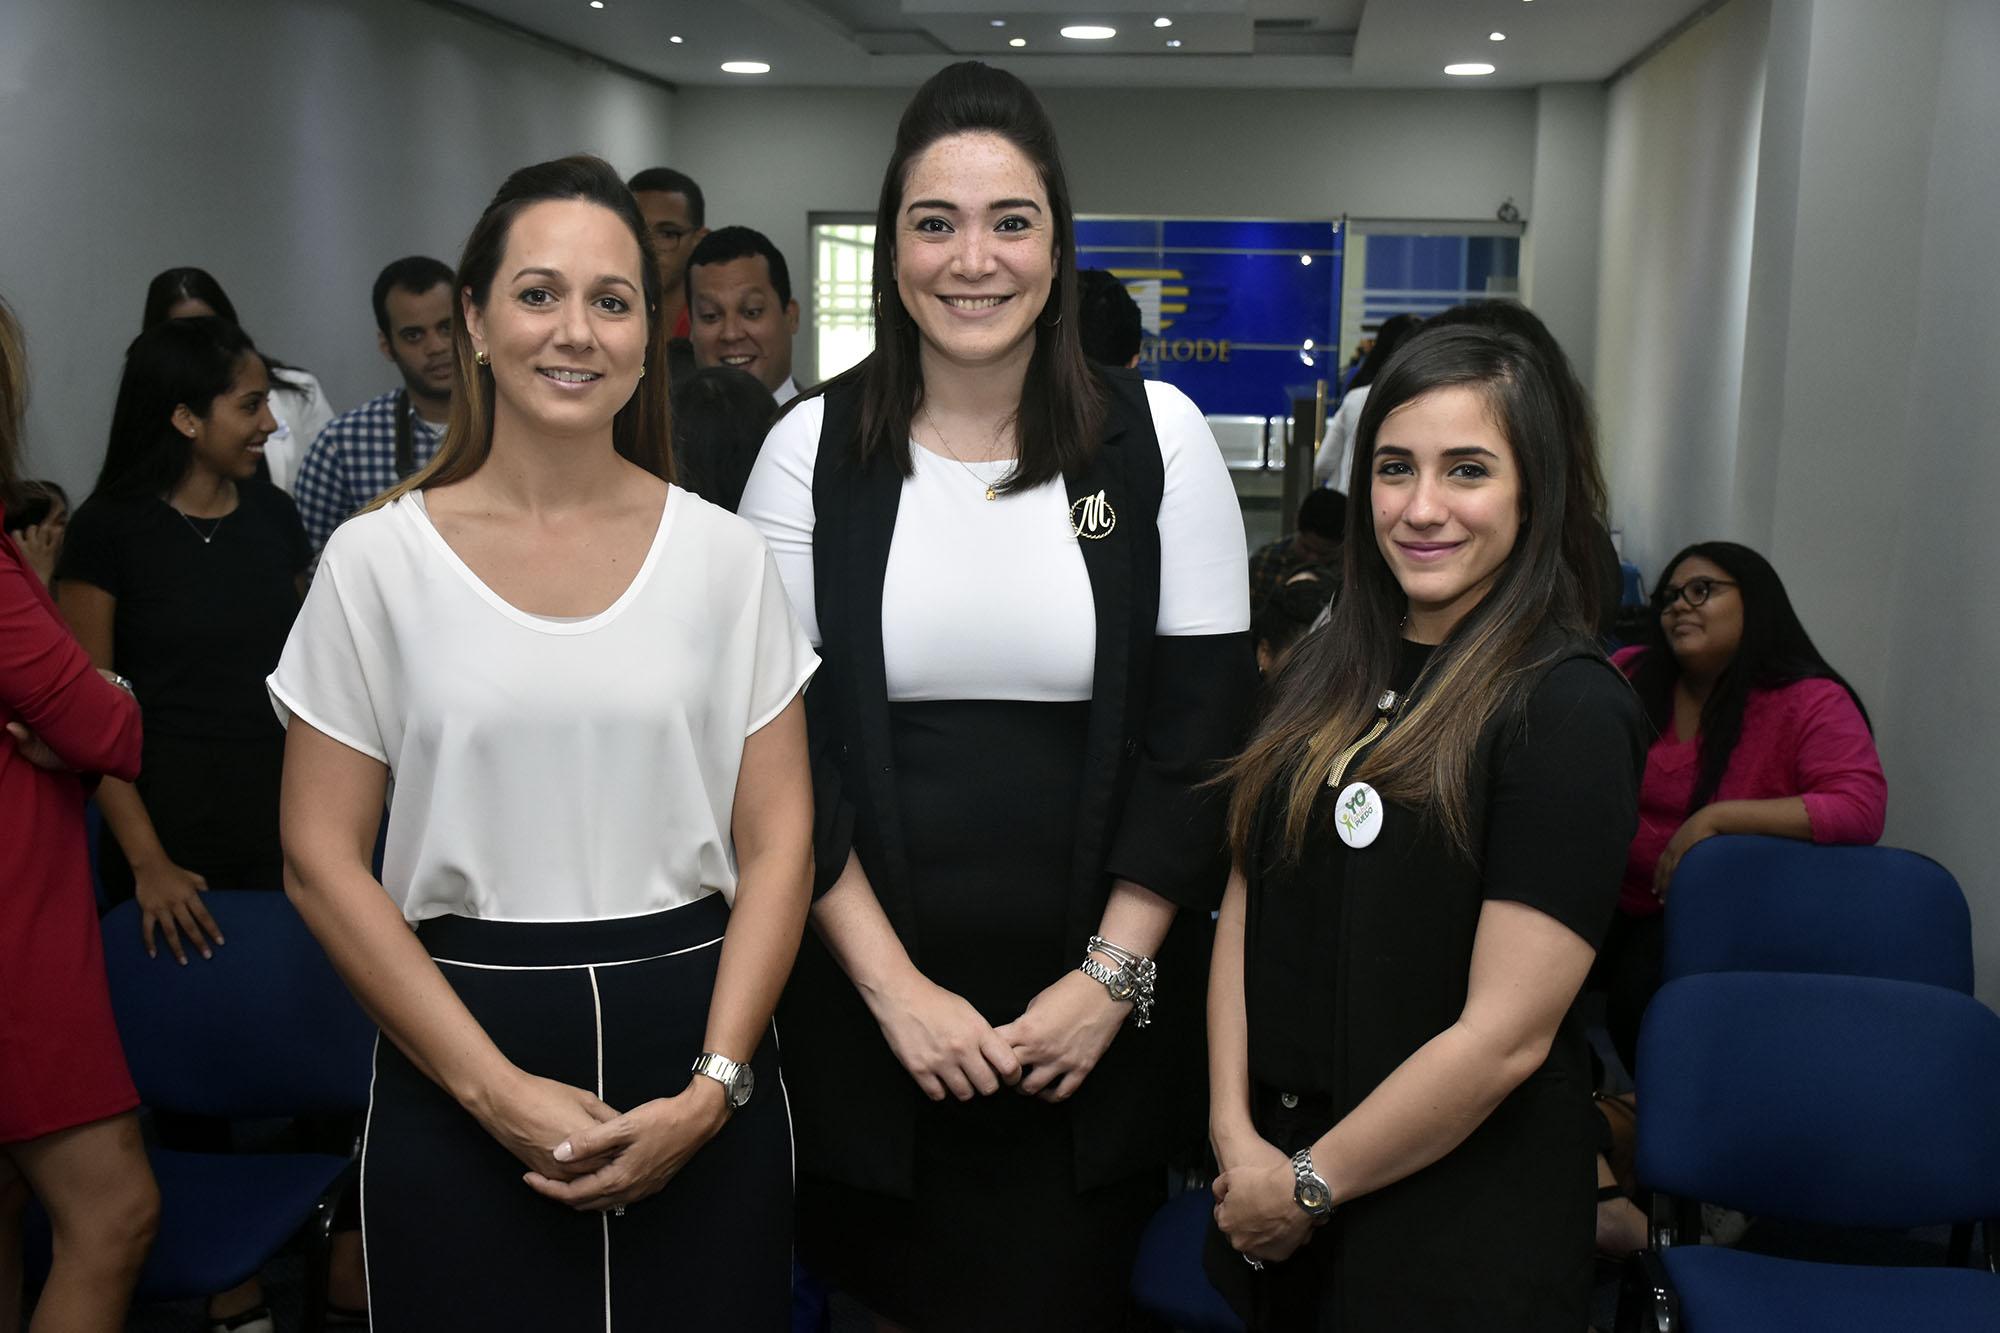 Michelle Delance, Maria Duverge y Maria Haché